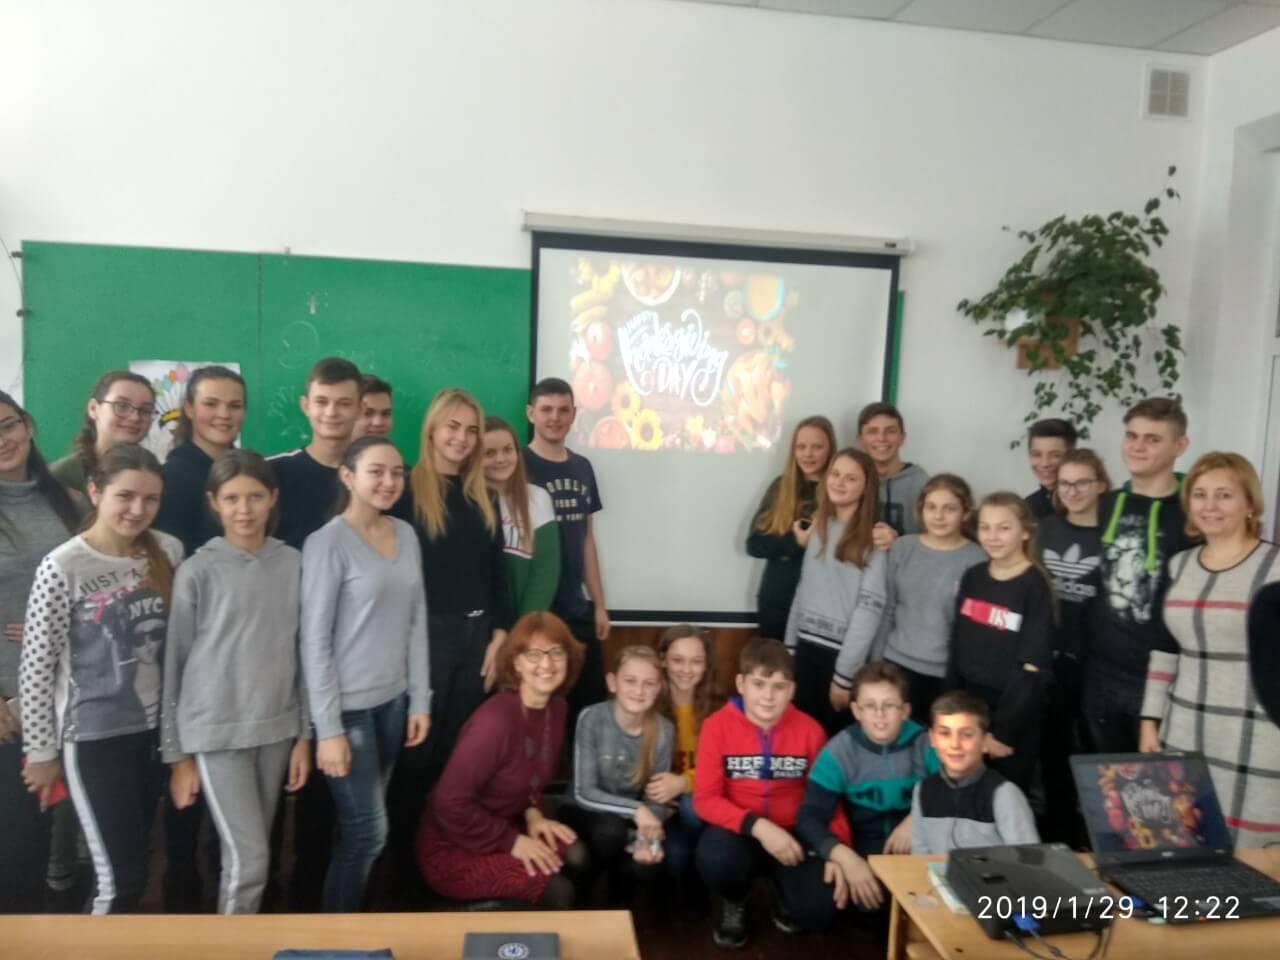 0 02 05 9fb9eec211de29f624001e131d2fadce7b9e8435fb1793baf82bb7b20a2bbb24 928336d0 - День подяки: традиції святкування в світі й Україні